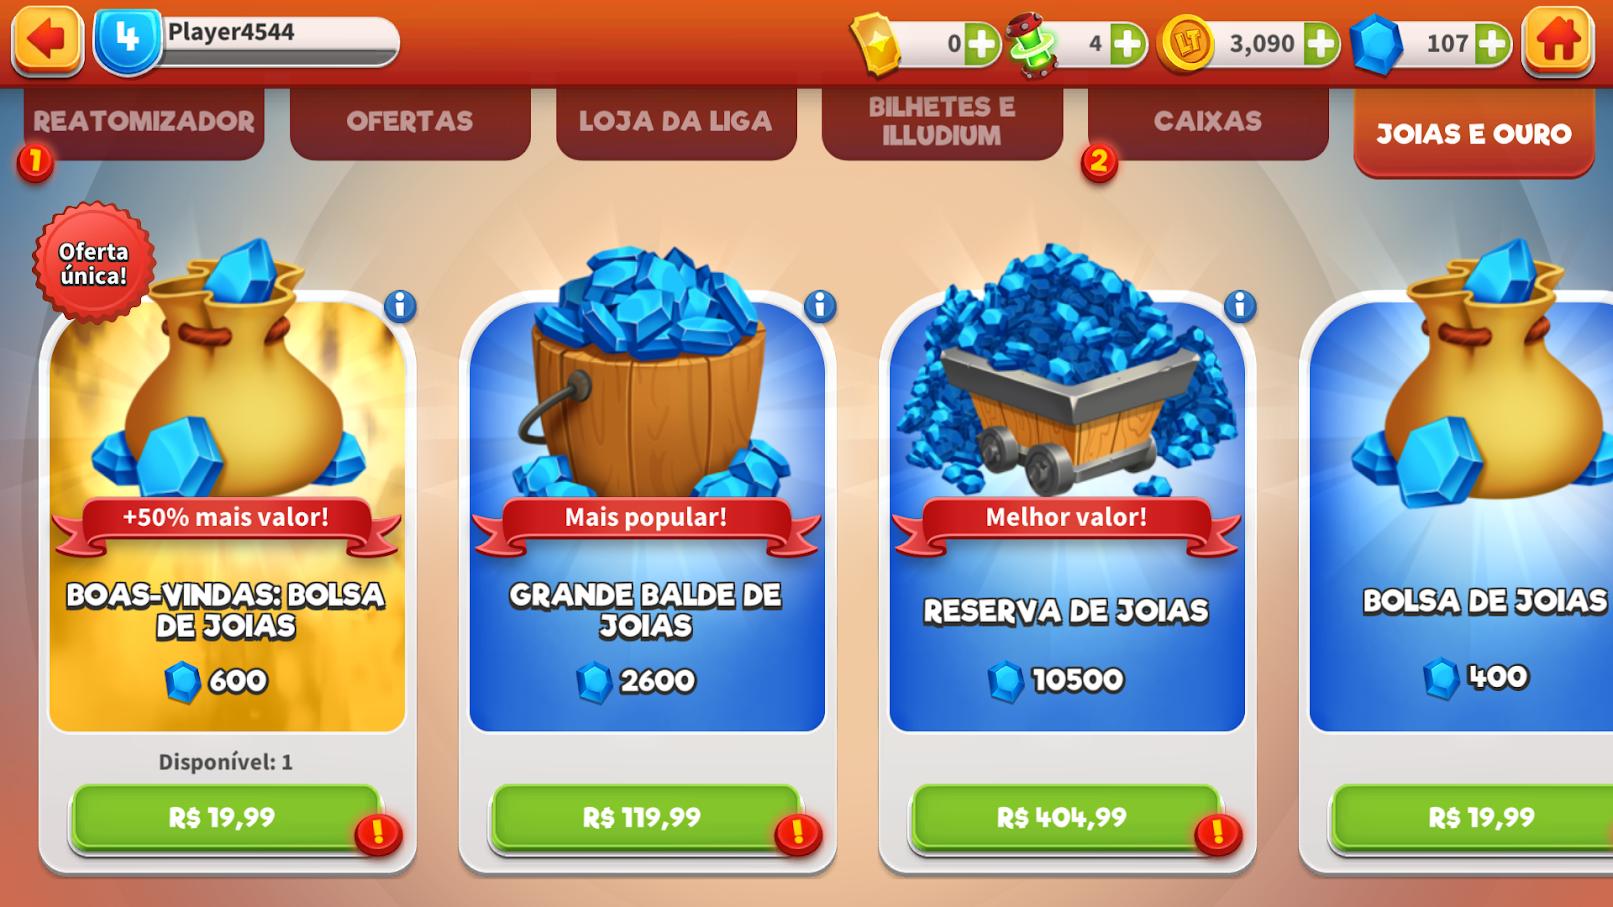 O preço das gemas vai de R$ 19,99 até R$ 404,99.